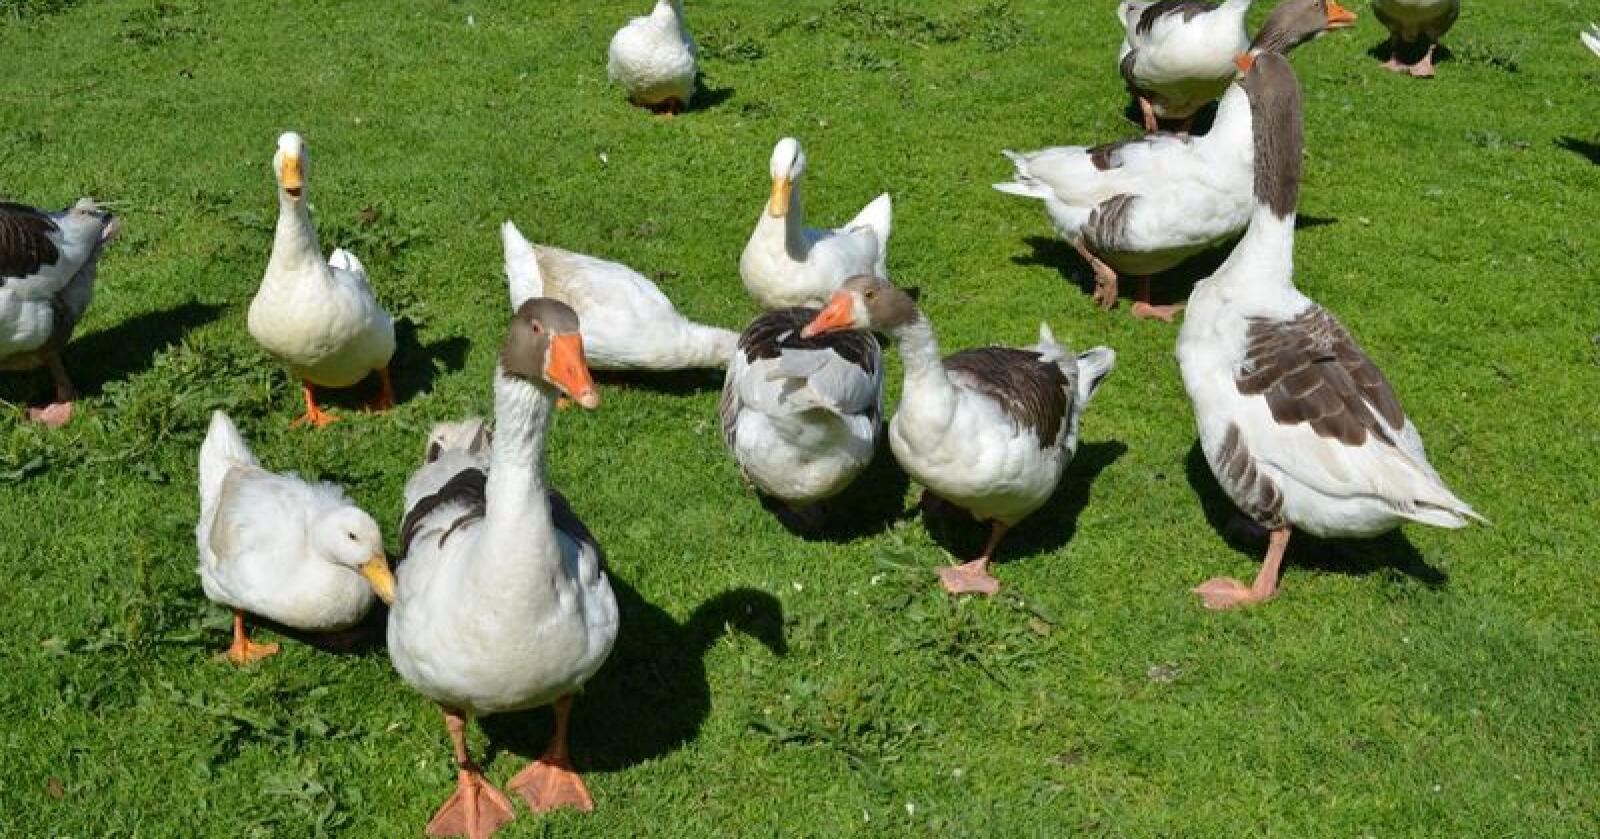 Veterinærinstituttet oppfordrer publikum til å være årvåkne i forhold til funn av døde andefugler, måkefugler, vadere, rovfugler og åtseletere. (Arkivfoto)